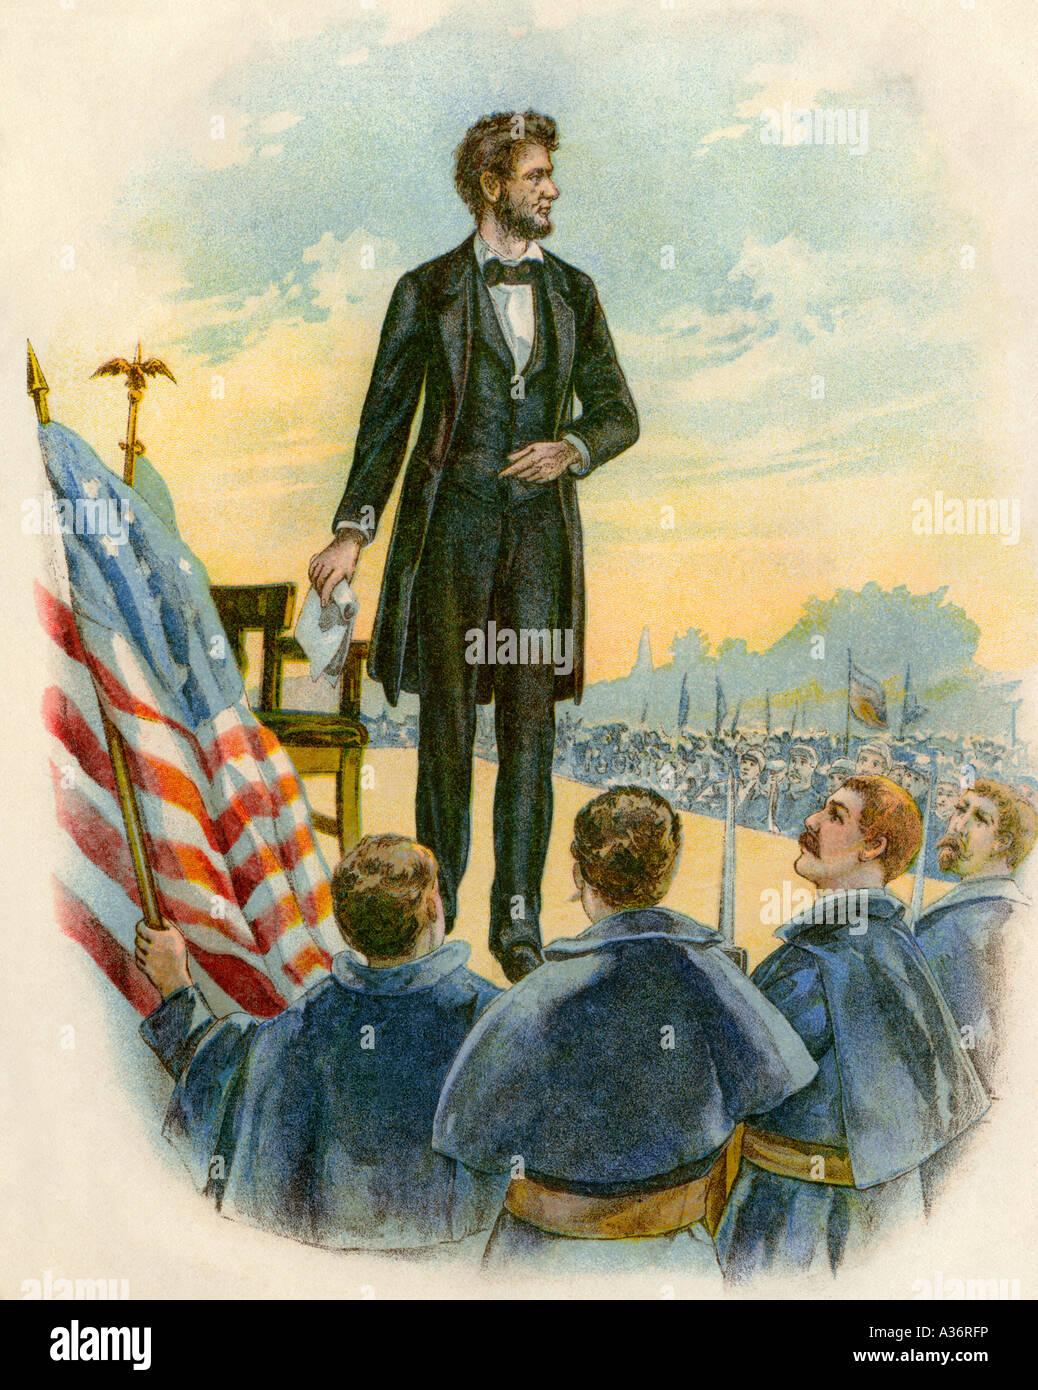 Präsident Abraham Lincoln der Gettysburg-Rede auf dem Schlachtfeld zu liefern, während der Bürgerkrieg Stockbild